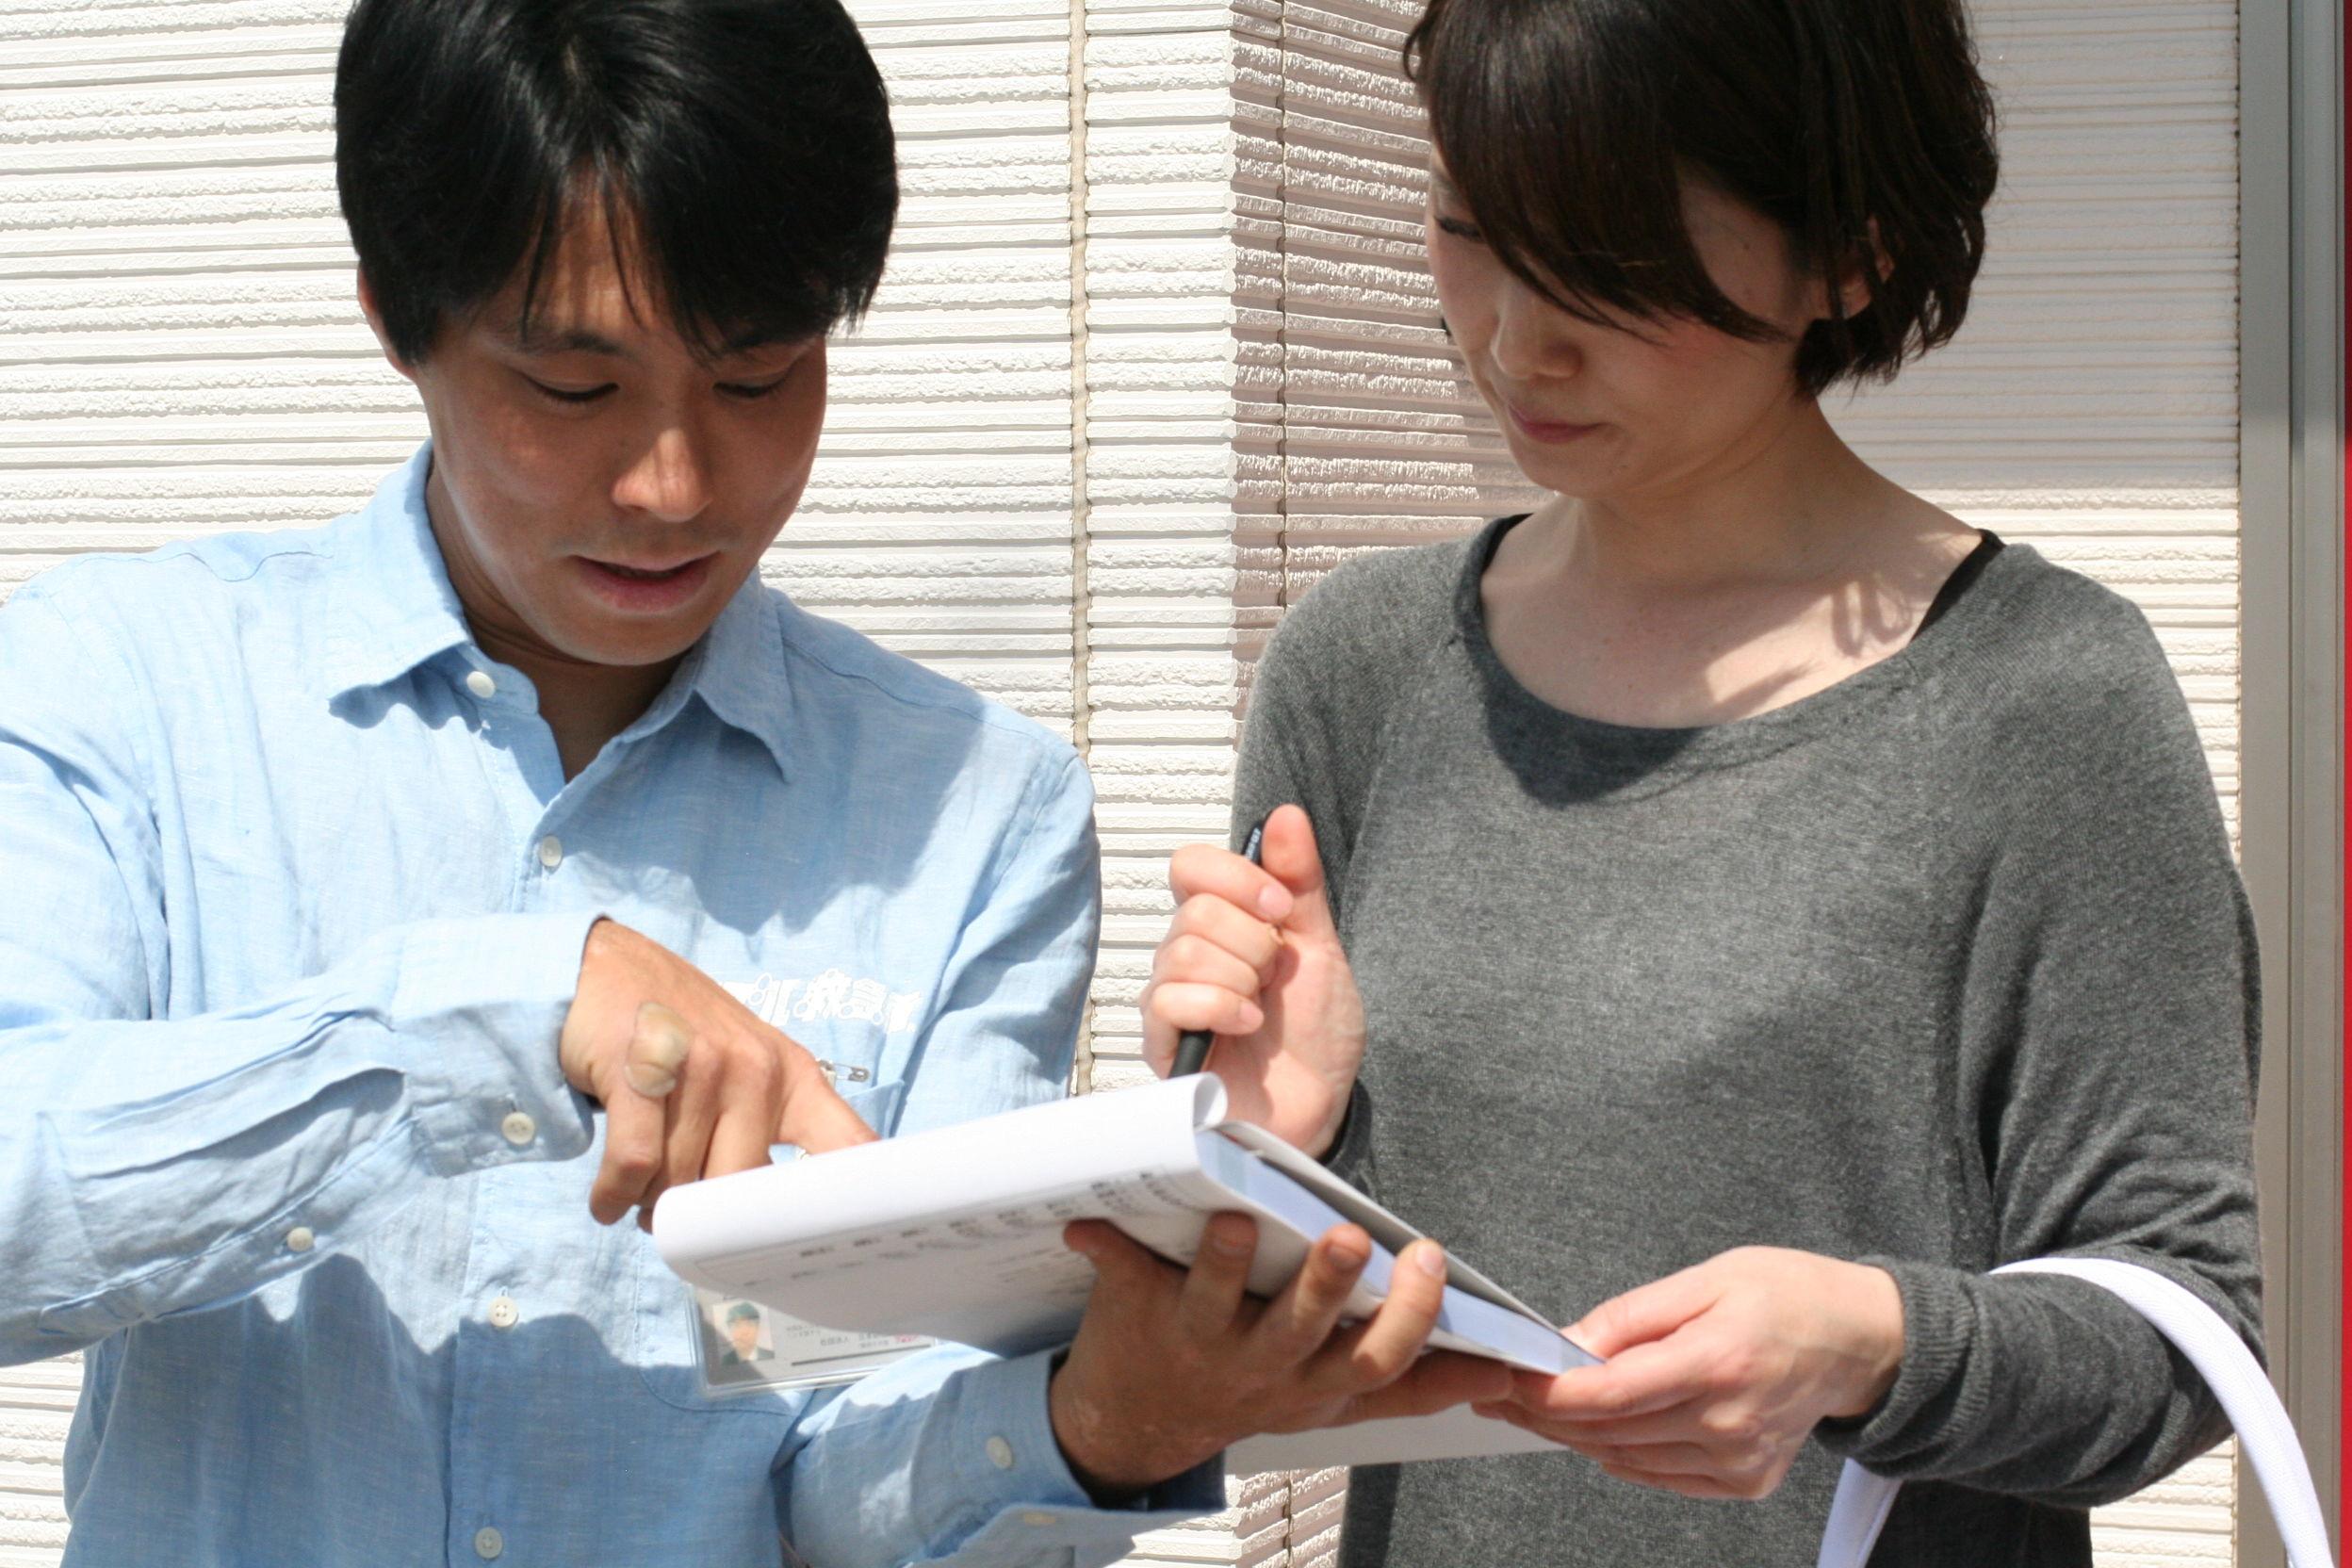 鍵のトラブル救急車【京田辺市 出張エリア】のメイン画像